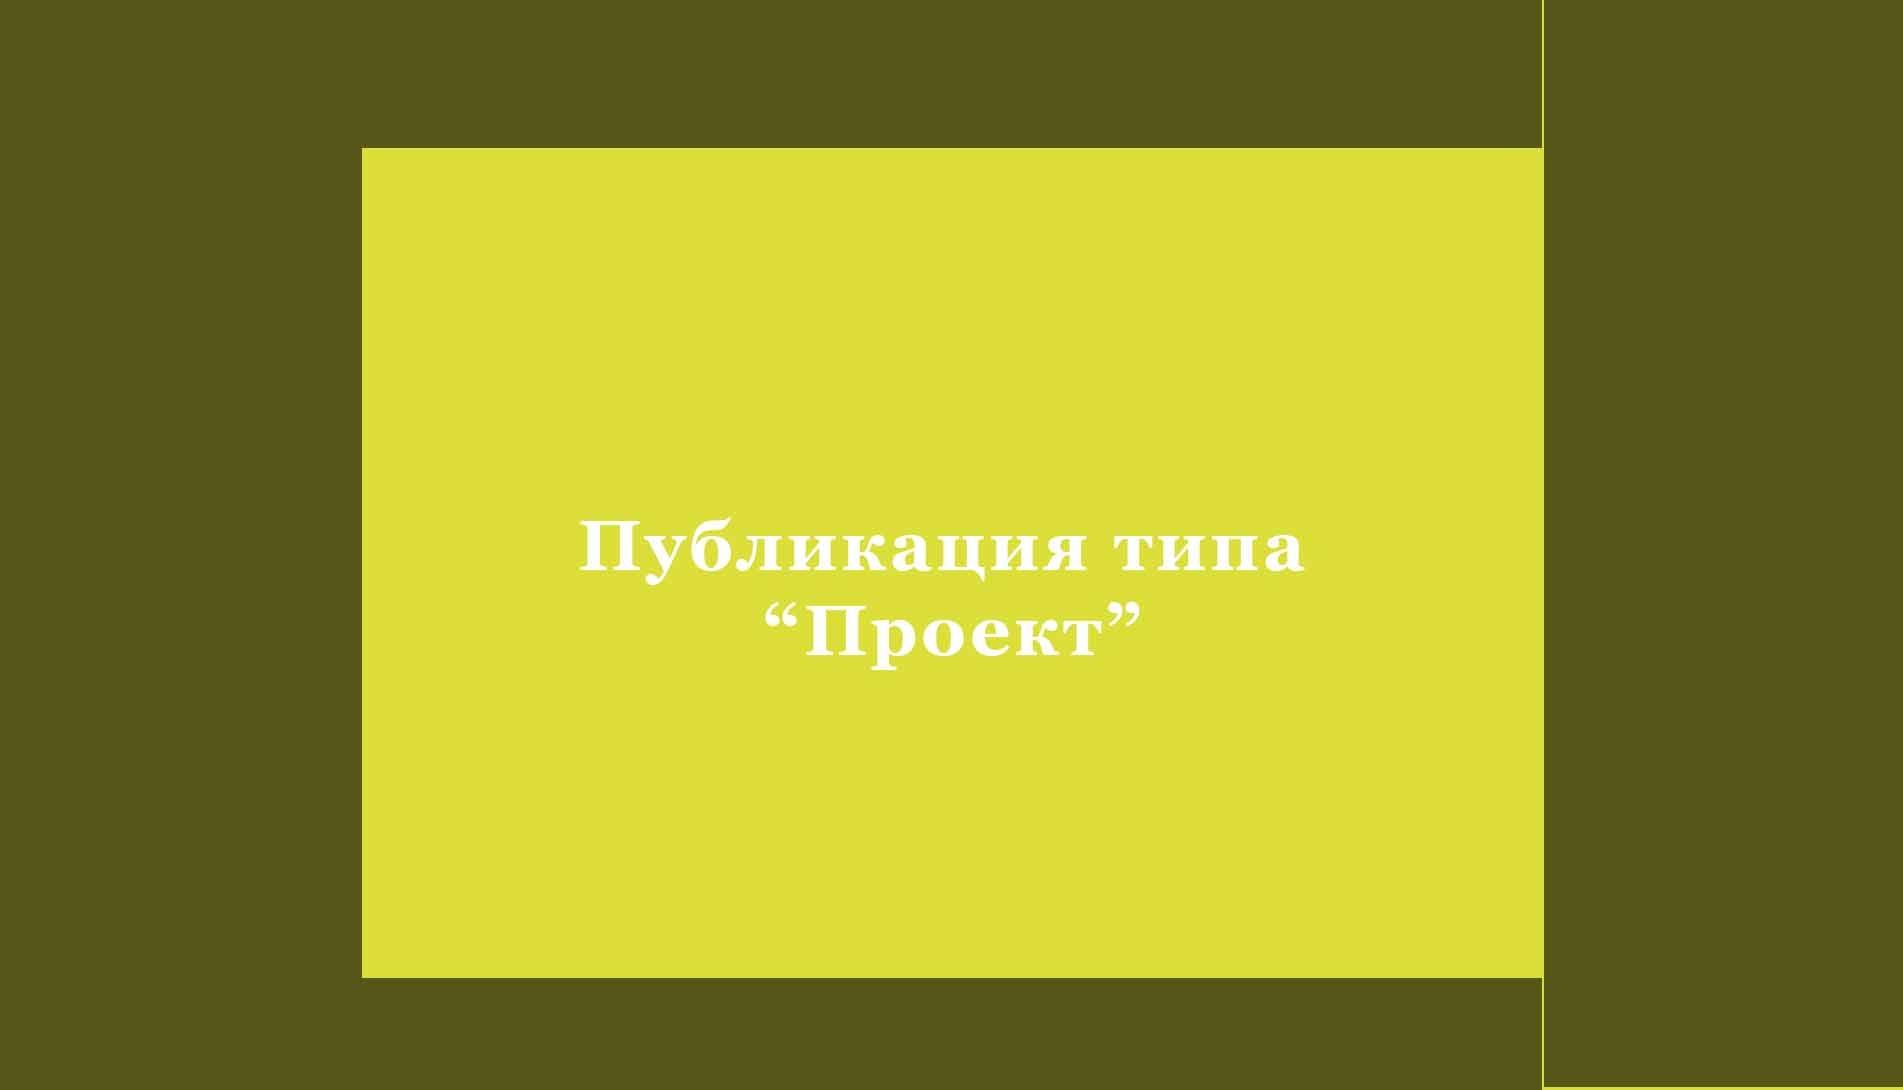 3_proekt_glavnaya_fotografiya_publikacii_.jpg